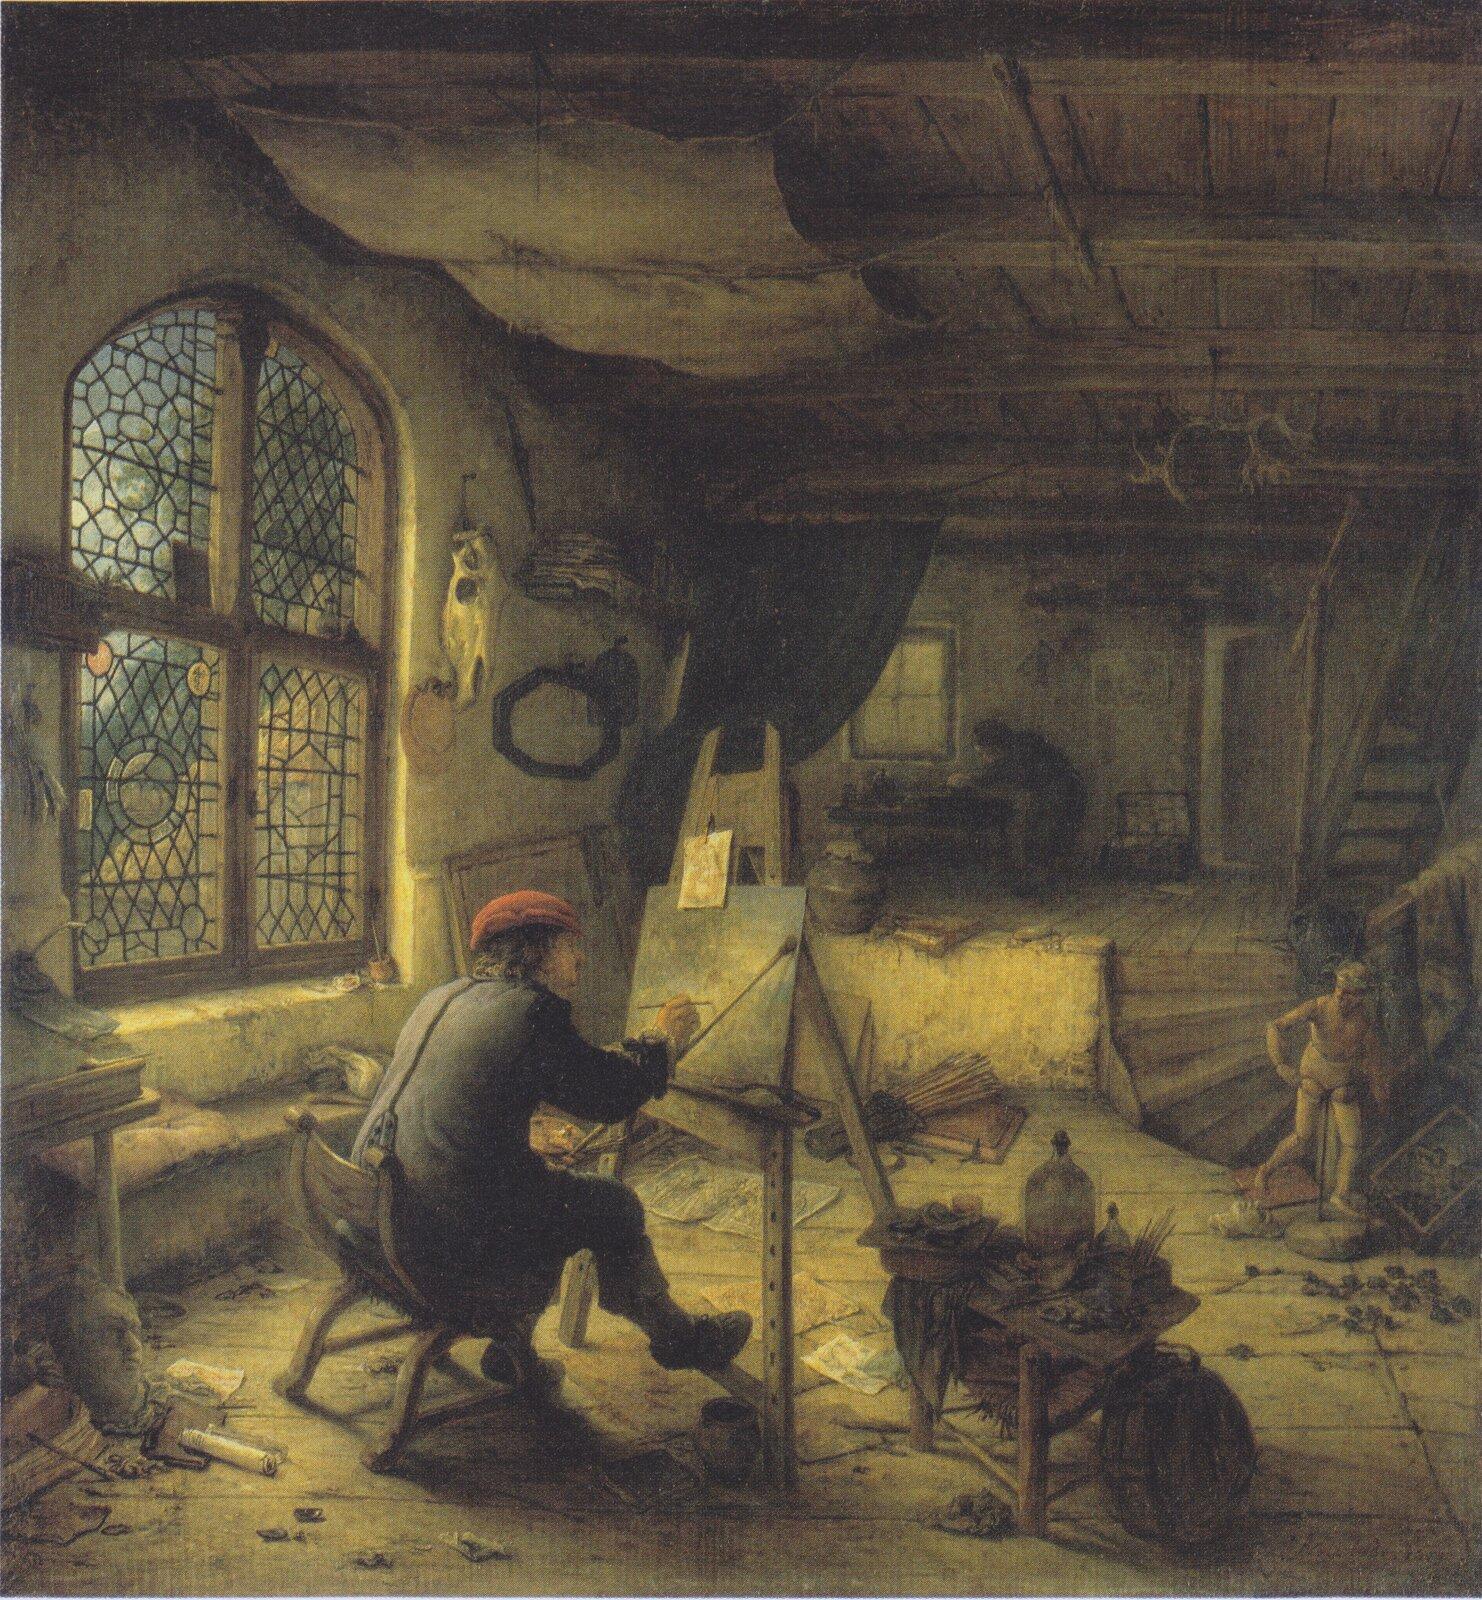 Malarz wswojej pracowni Źródło: Adriaen van Ostade, Malarz wswojej pracowni, 1663, olej na płycie dębowej, domena publiczna.